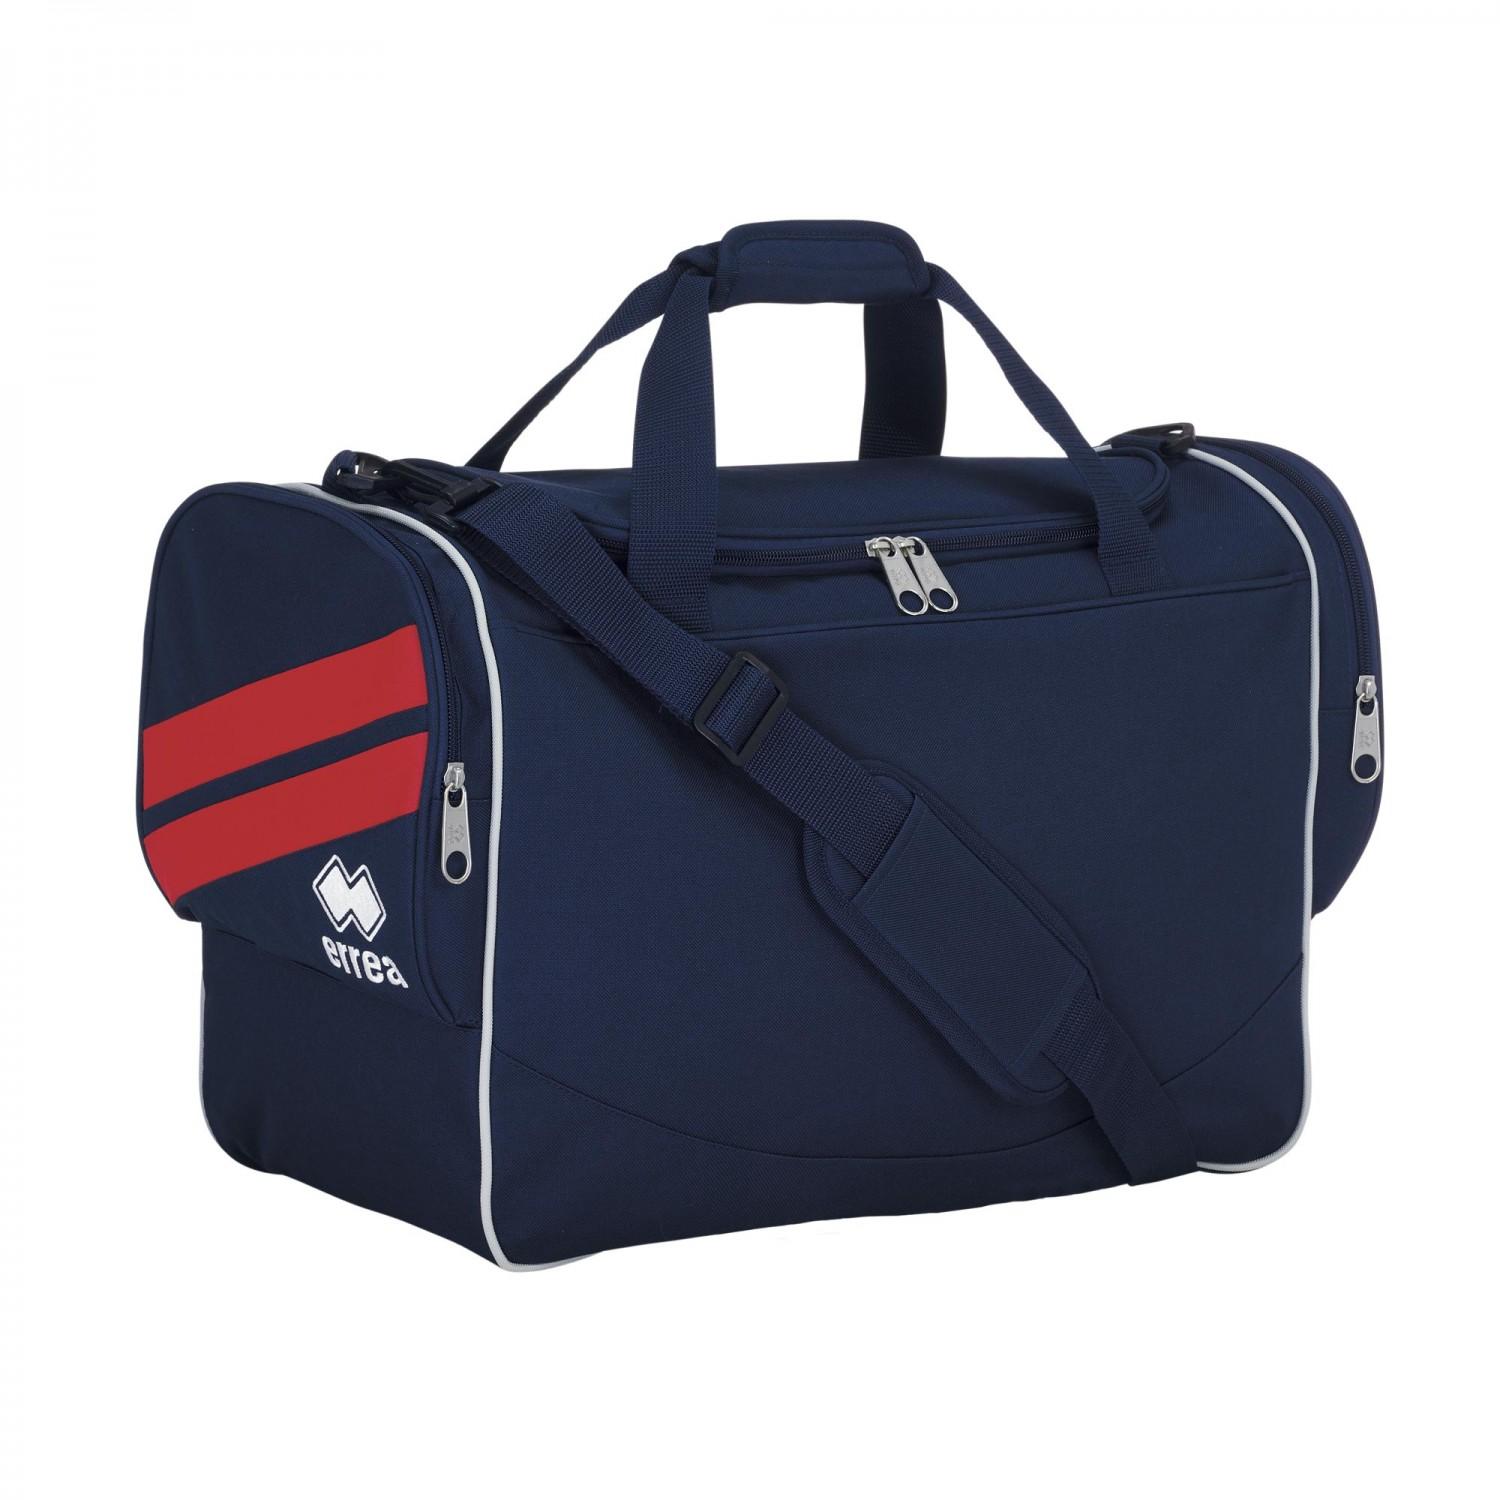 Hvöt - Gym bag